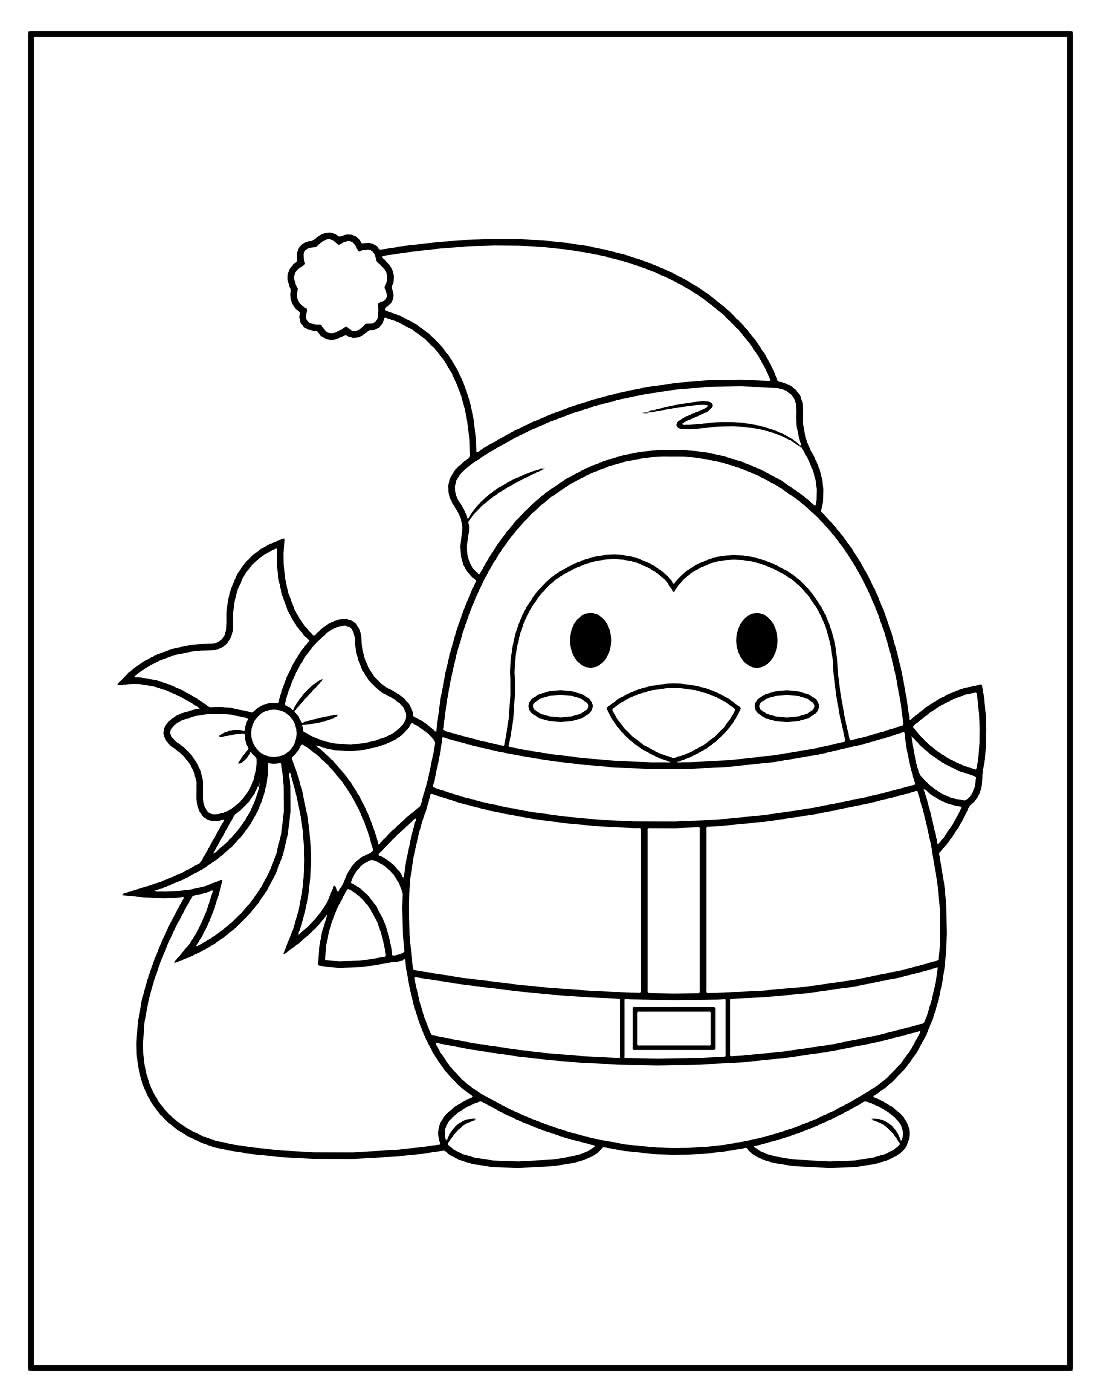 Desenho para colorir de Pinguim